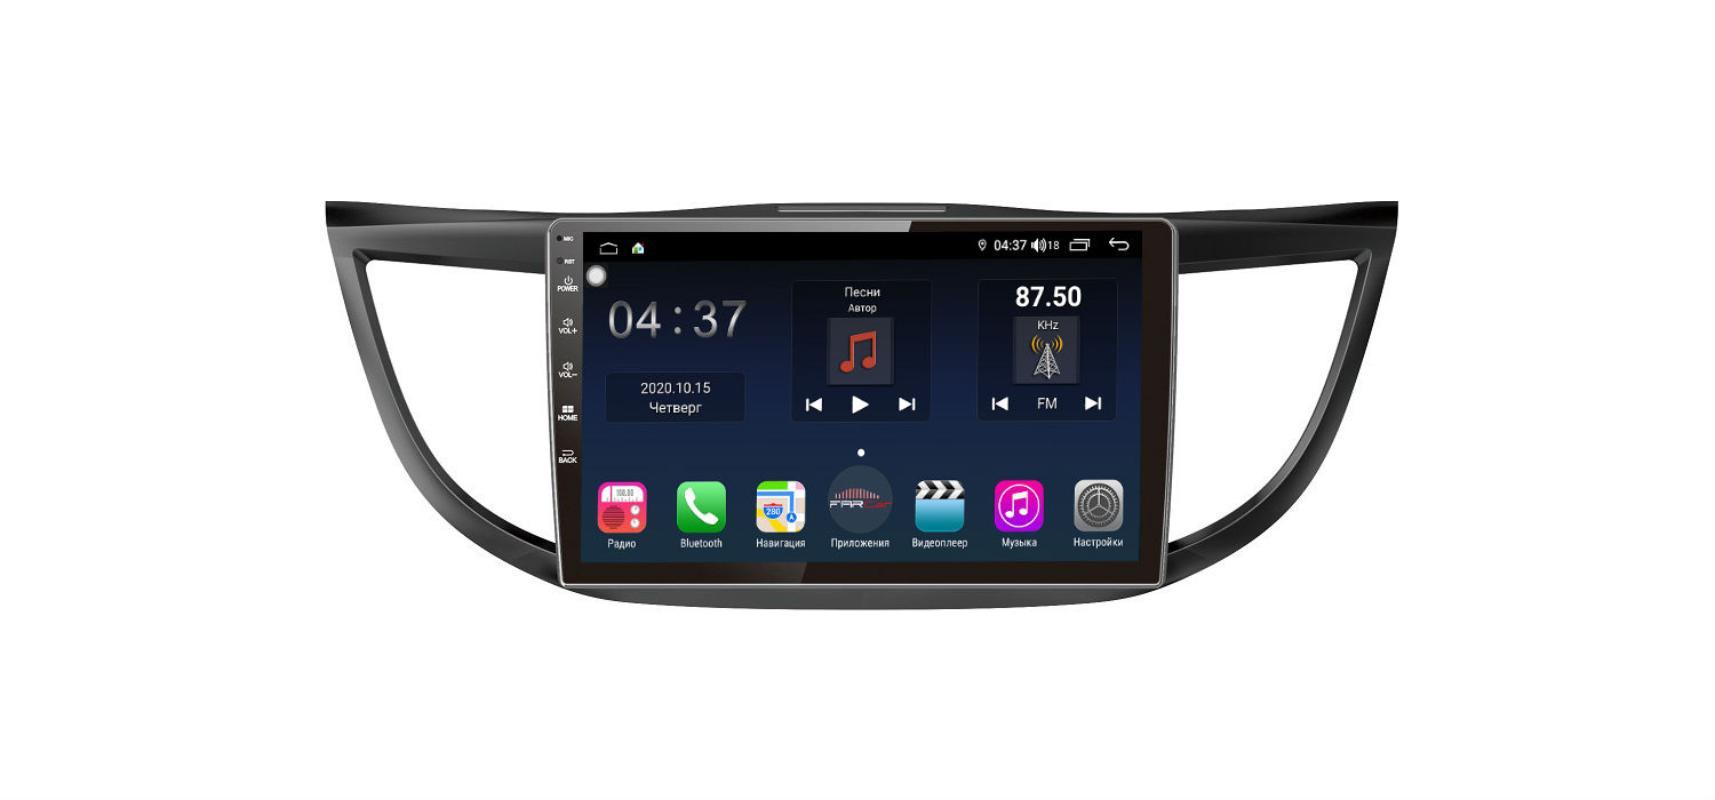 Штатная магнитола FarCar s400 для Honda CR-V на Android (TG469R) (+ Камера заднего вида в подарок!)